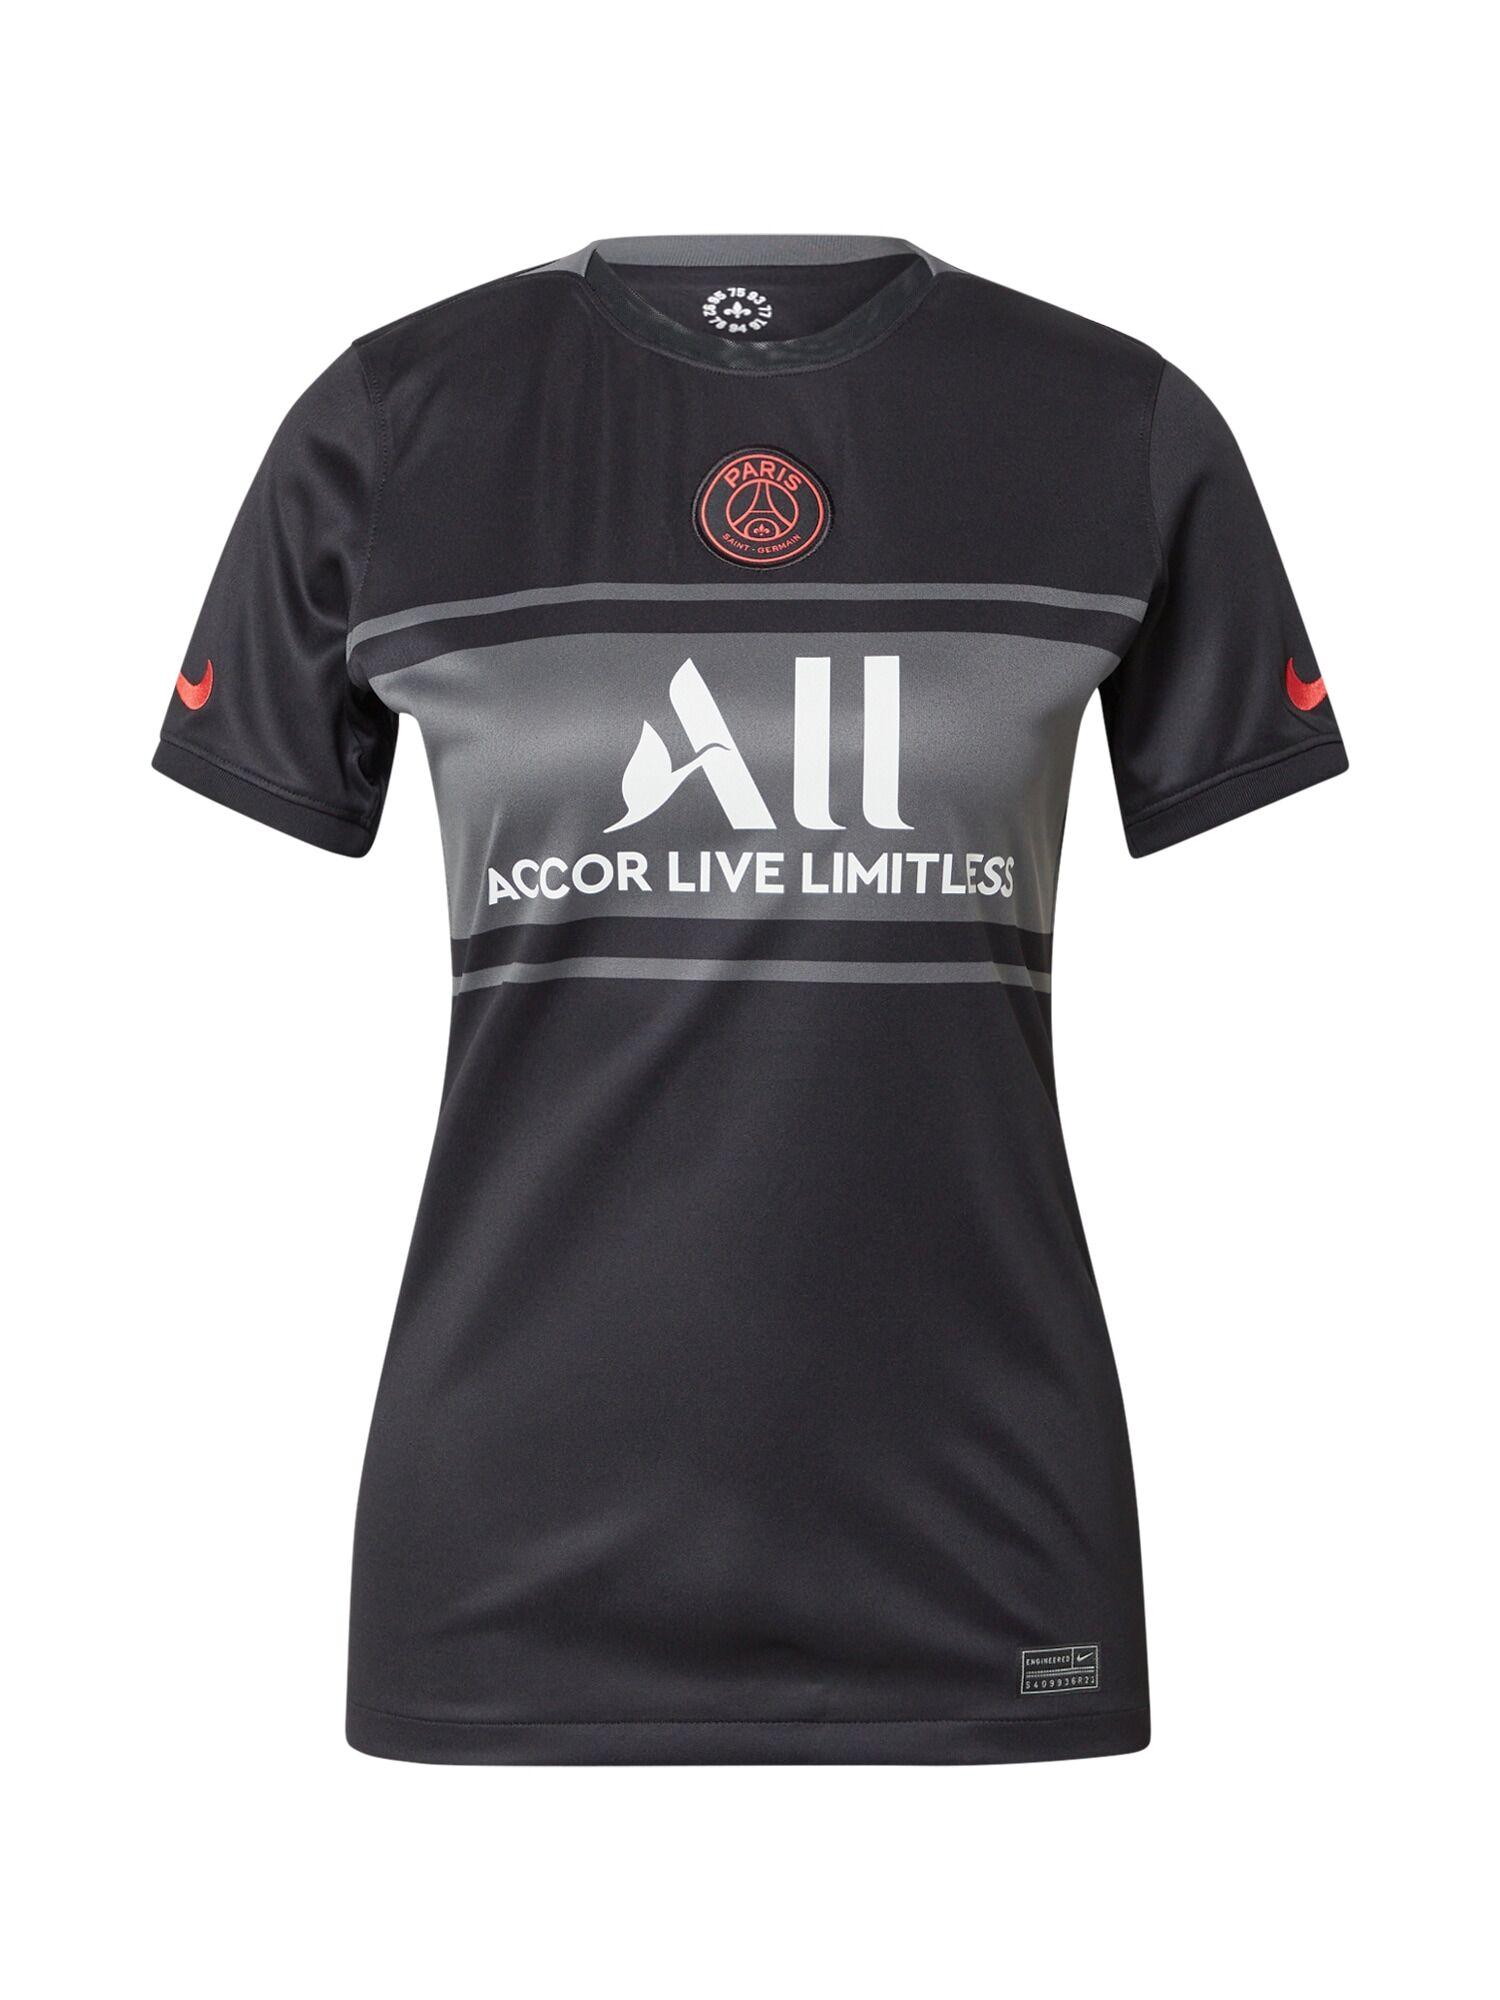 NIKE Maillot 'Paris Saint-Germain 2021/22'  - Noir - Taille: M - female